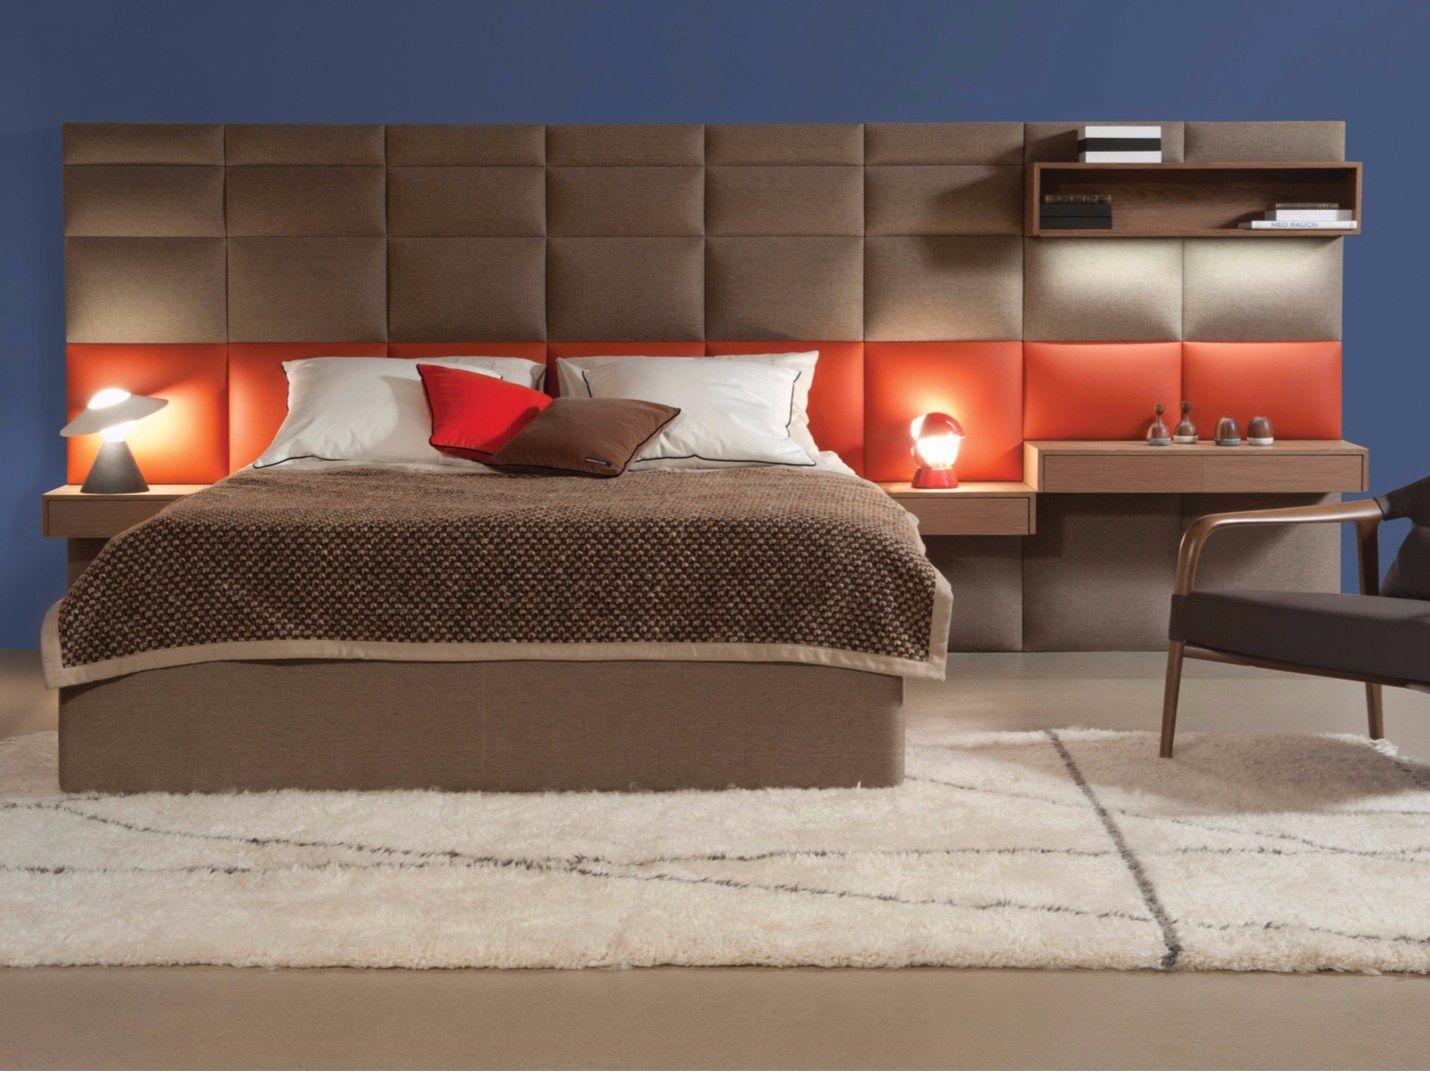 letto matrimoniale in tessuto con testiera alta courchevel by roche bobois design philippe bouix. Black Bedroom Furniture Sets. Home Design Ideas